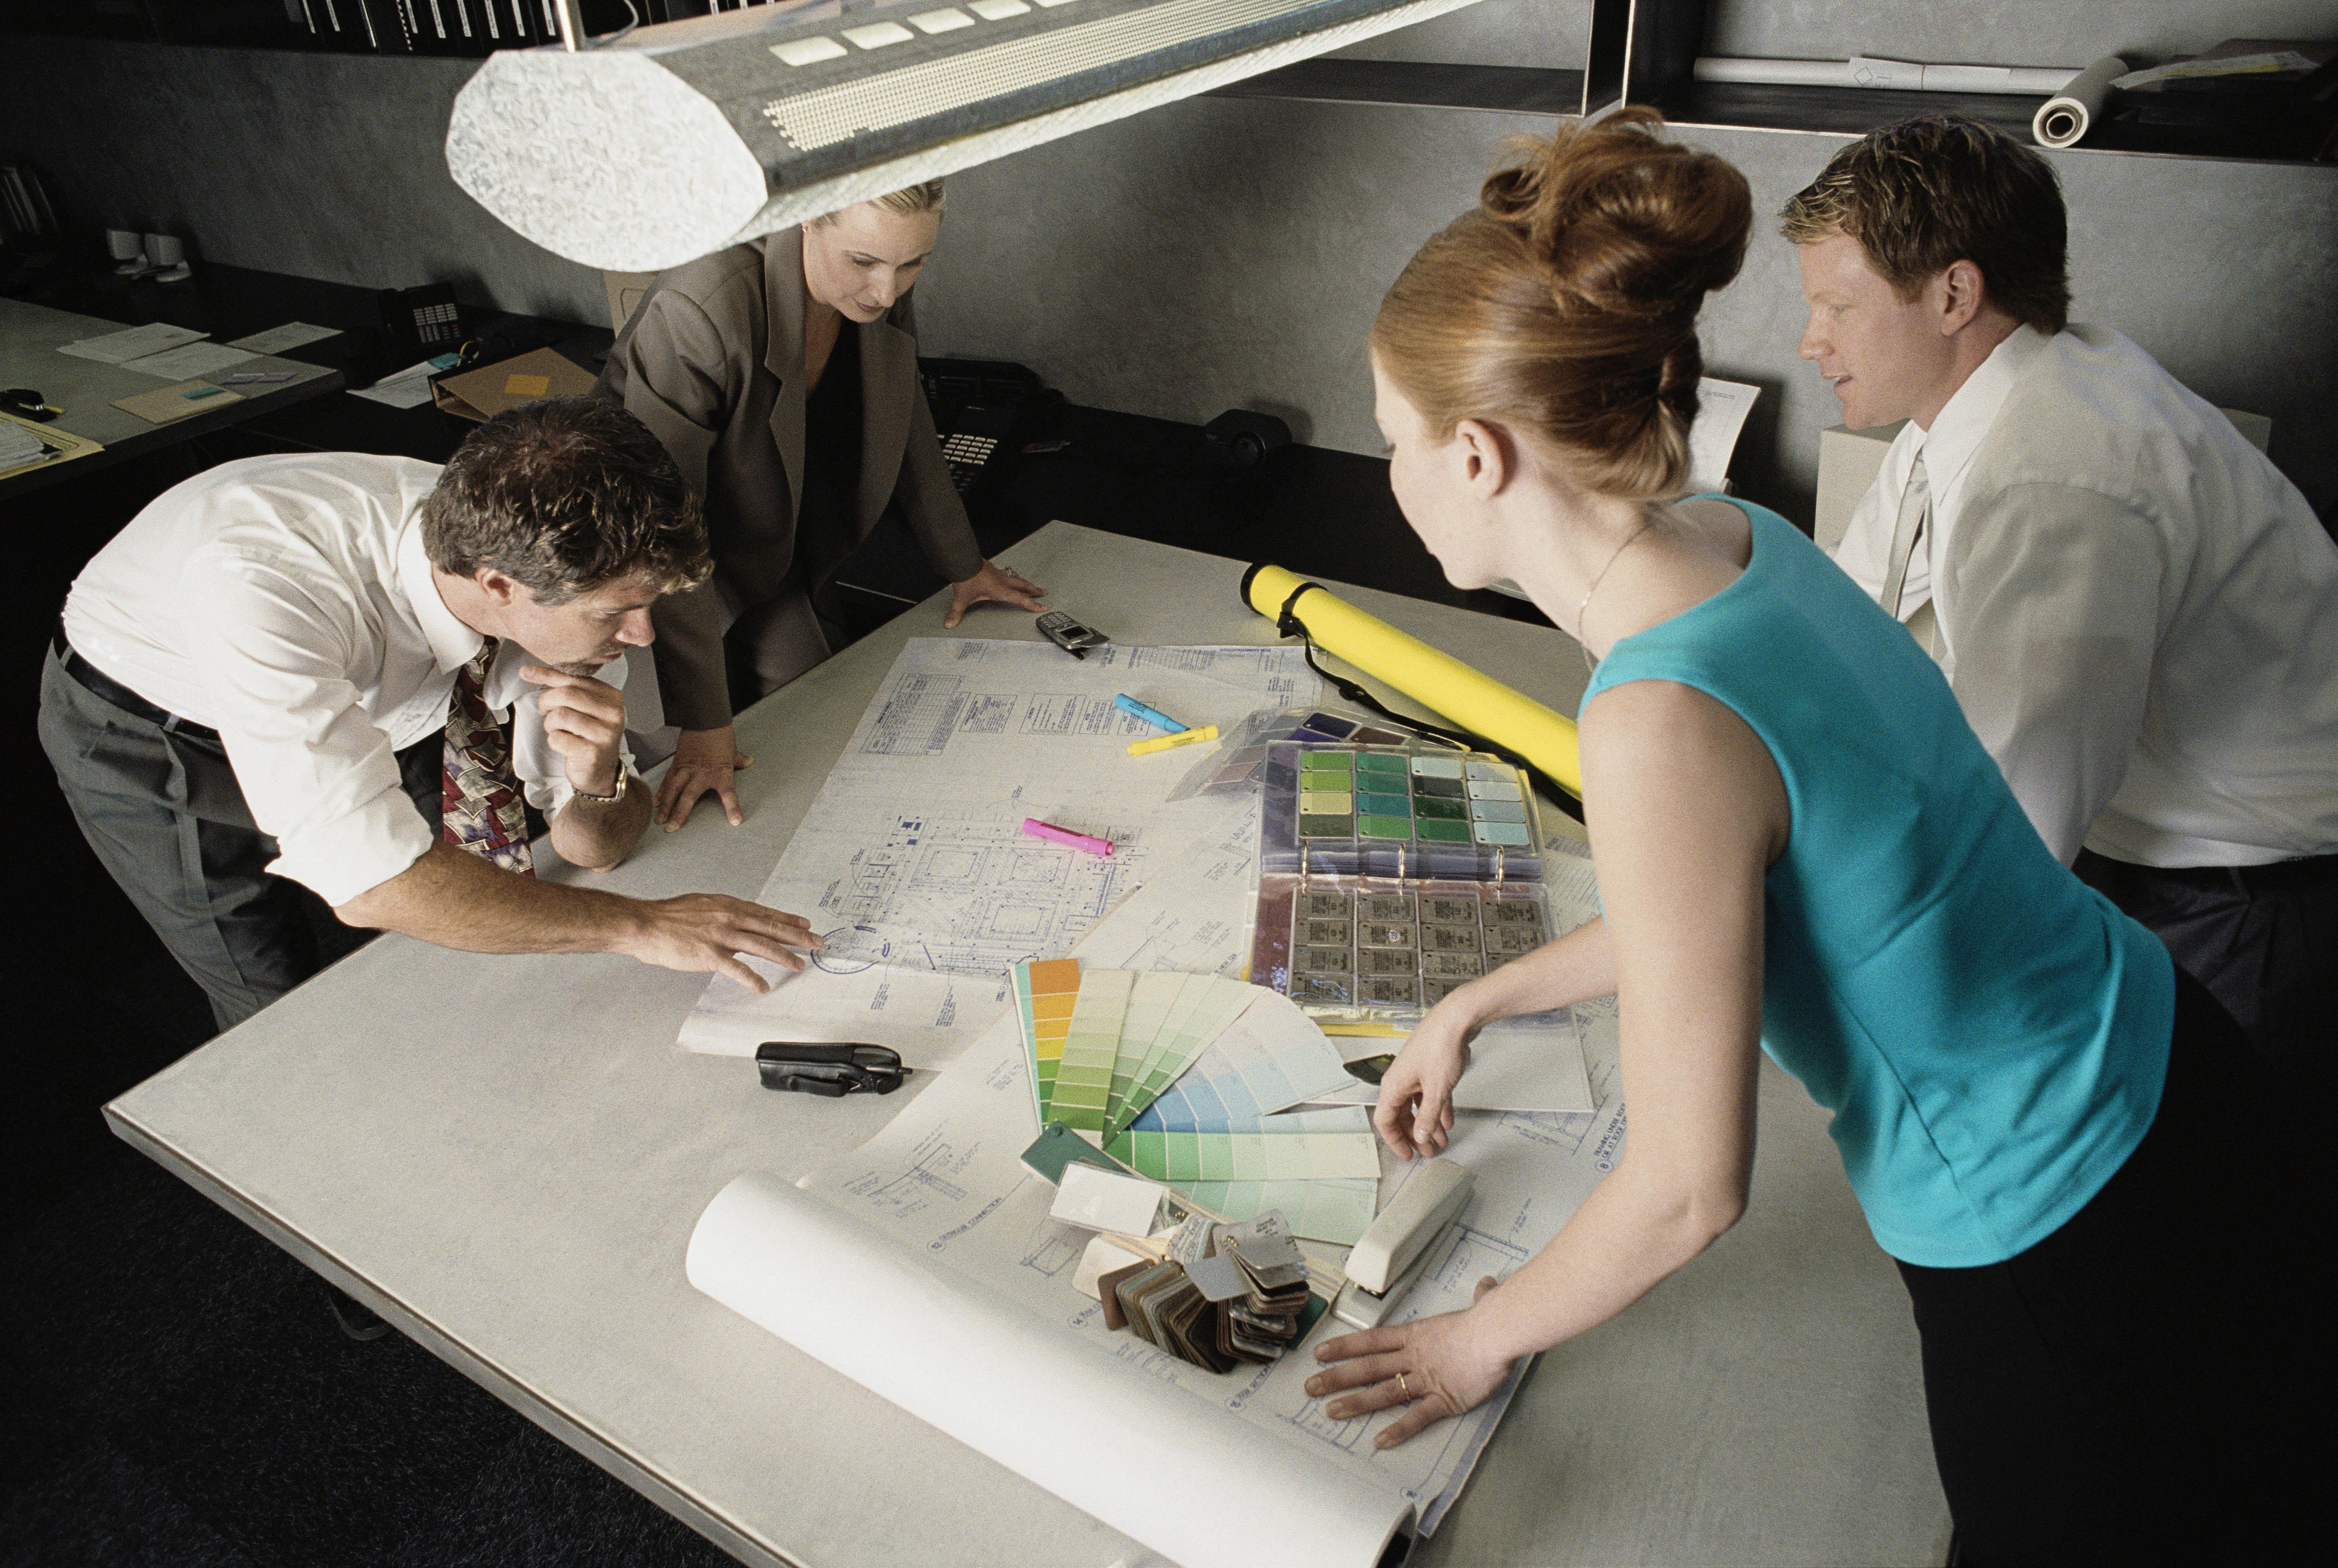 25 consejos para volver con energía al trabajo: tercera parte